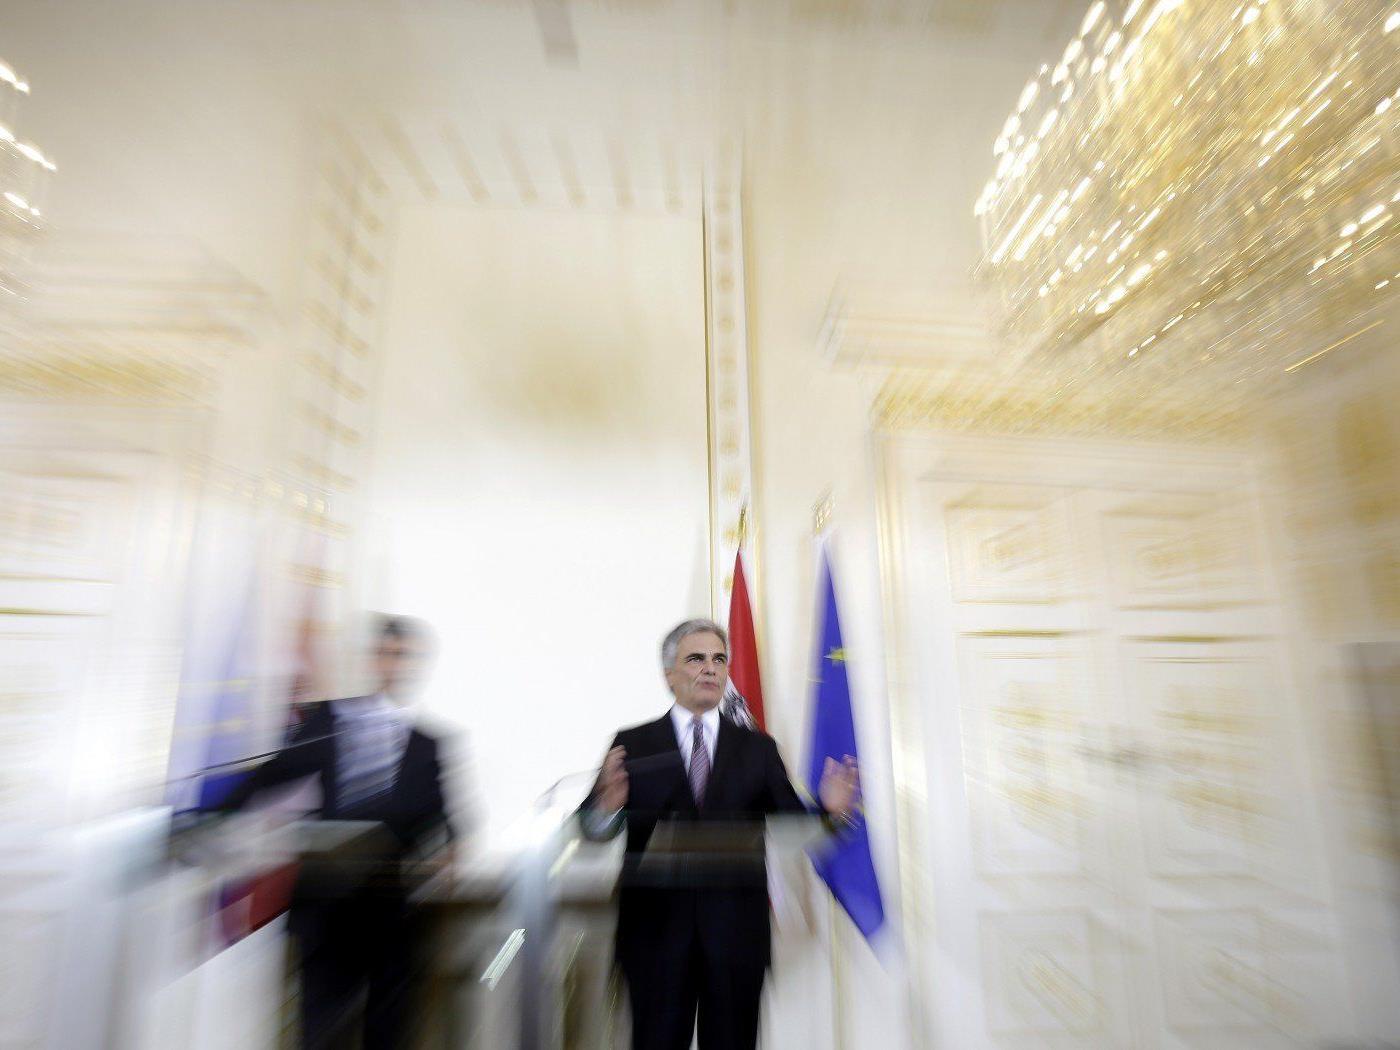 Koalition: Weiteres Hick-Hack in der Regierung